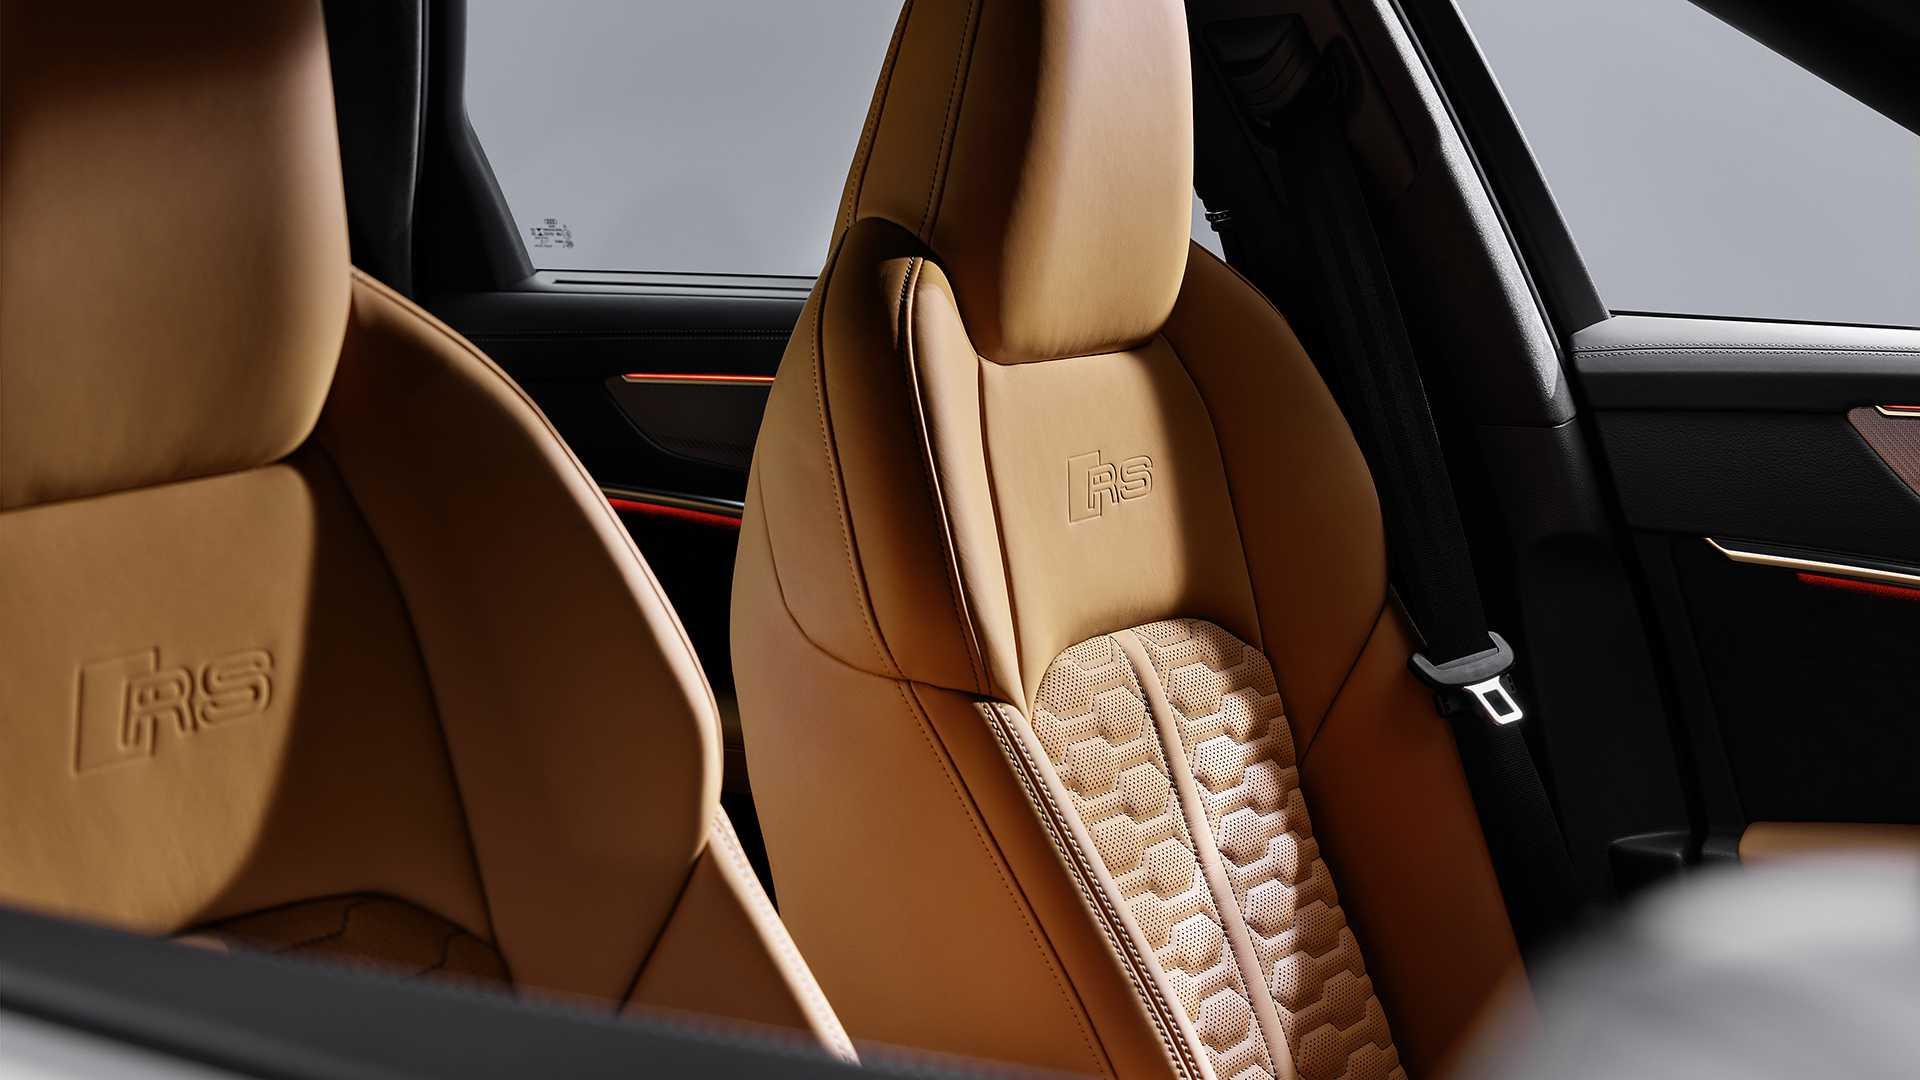 Audi RS6 Avant lần đầu ra mắt tại Mỹ kỷ niệm 25 năm dòng xe RS của Audi - 17